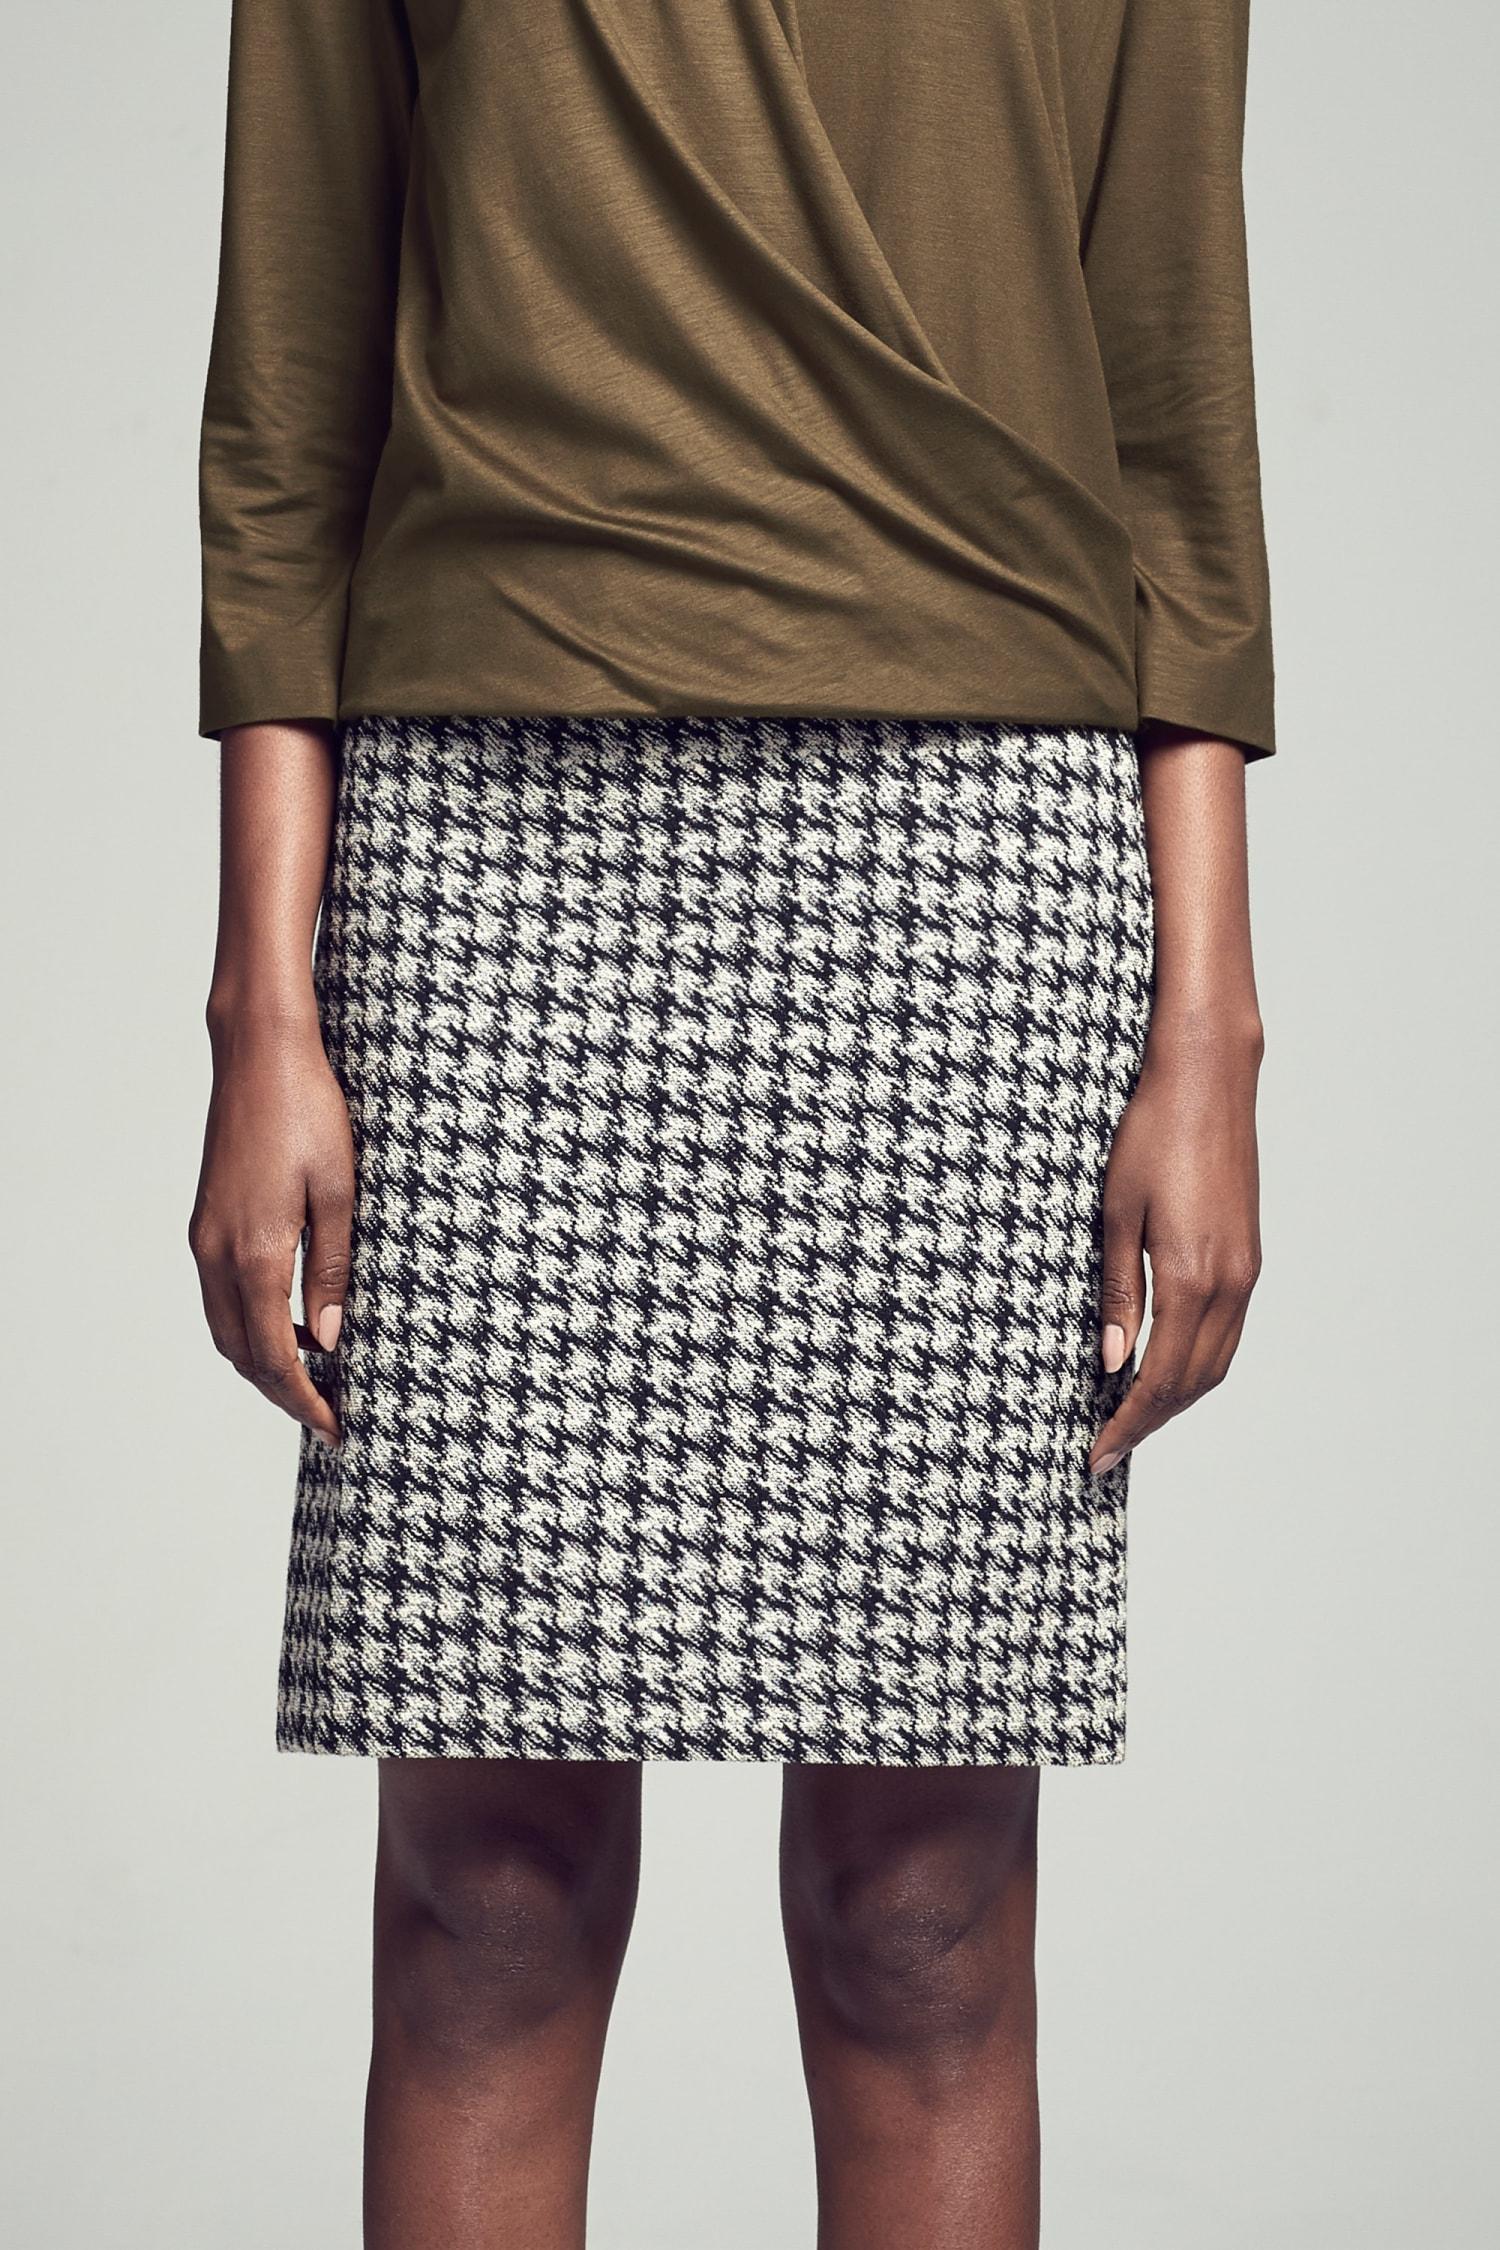 b438e77e7d Noho Skirt—Modern Houndstooth :: Black / Sand 1